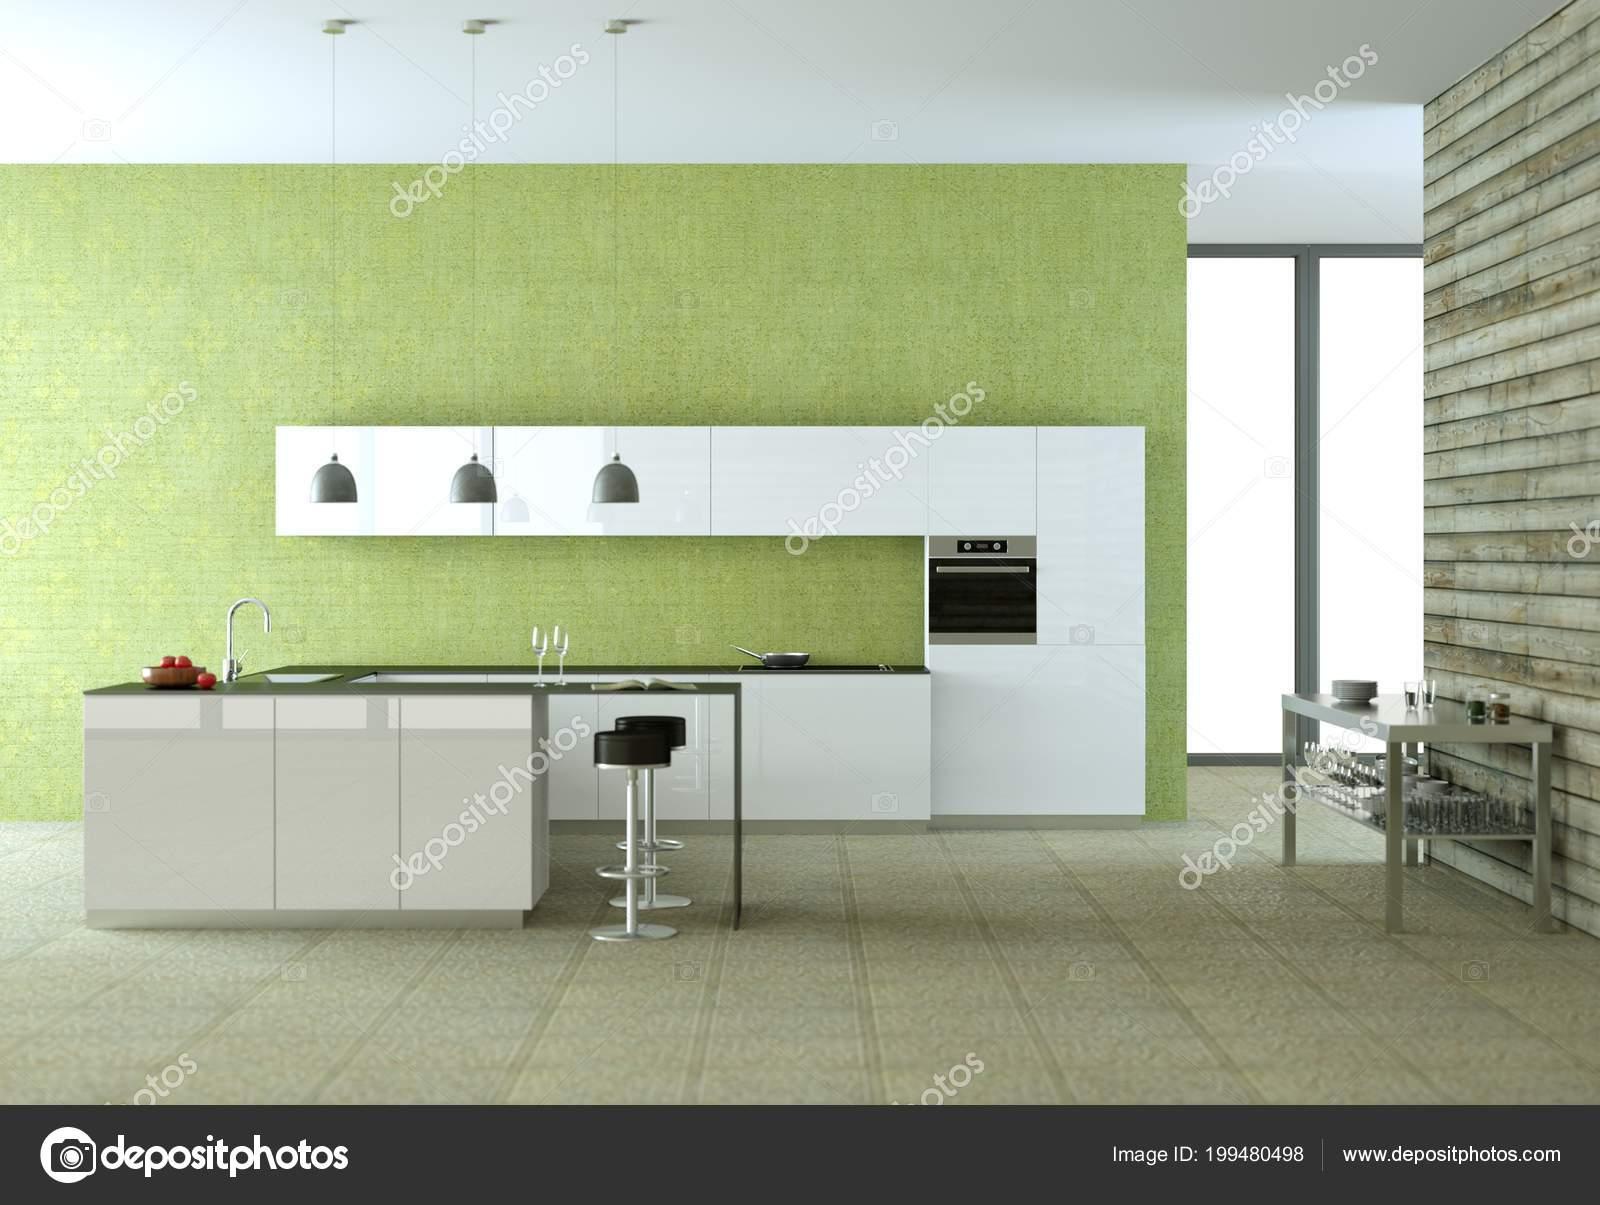 Weiße moderne Küche mit grüne Tapete — Stockfoto © virtua73 #199480498